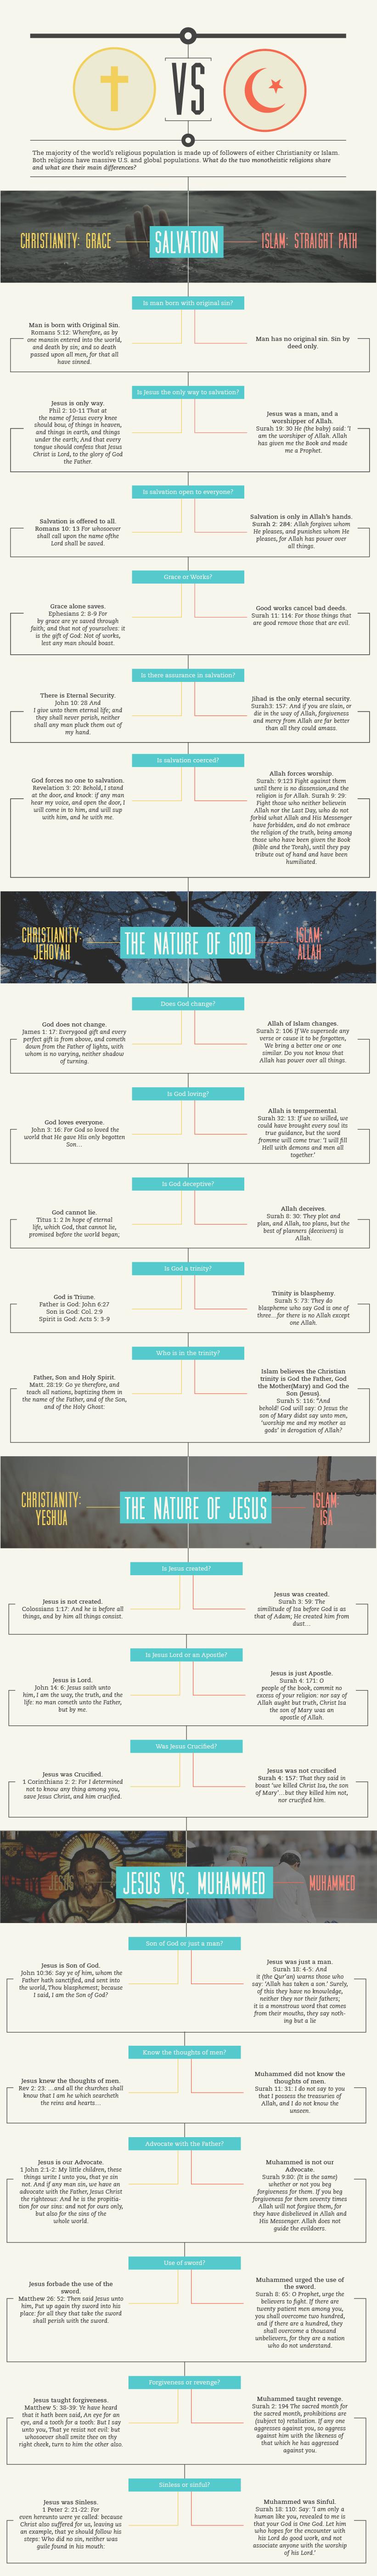 Infographic copy_v3-03